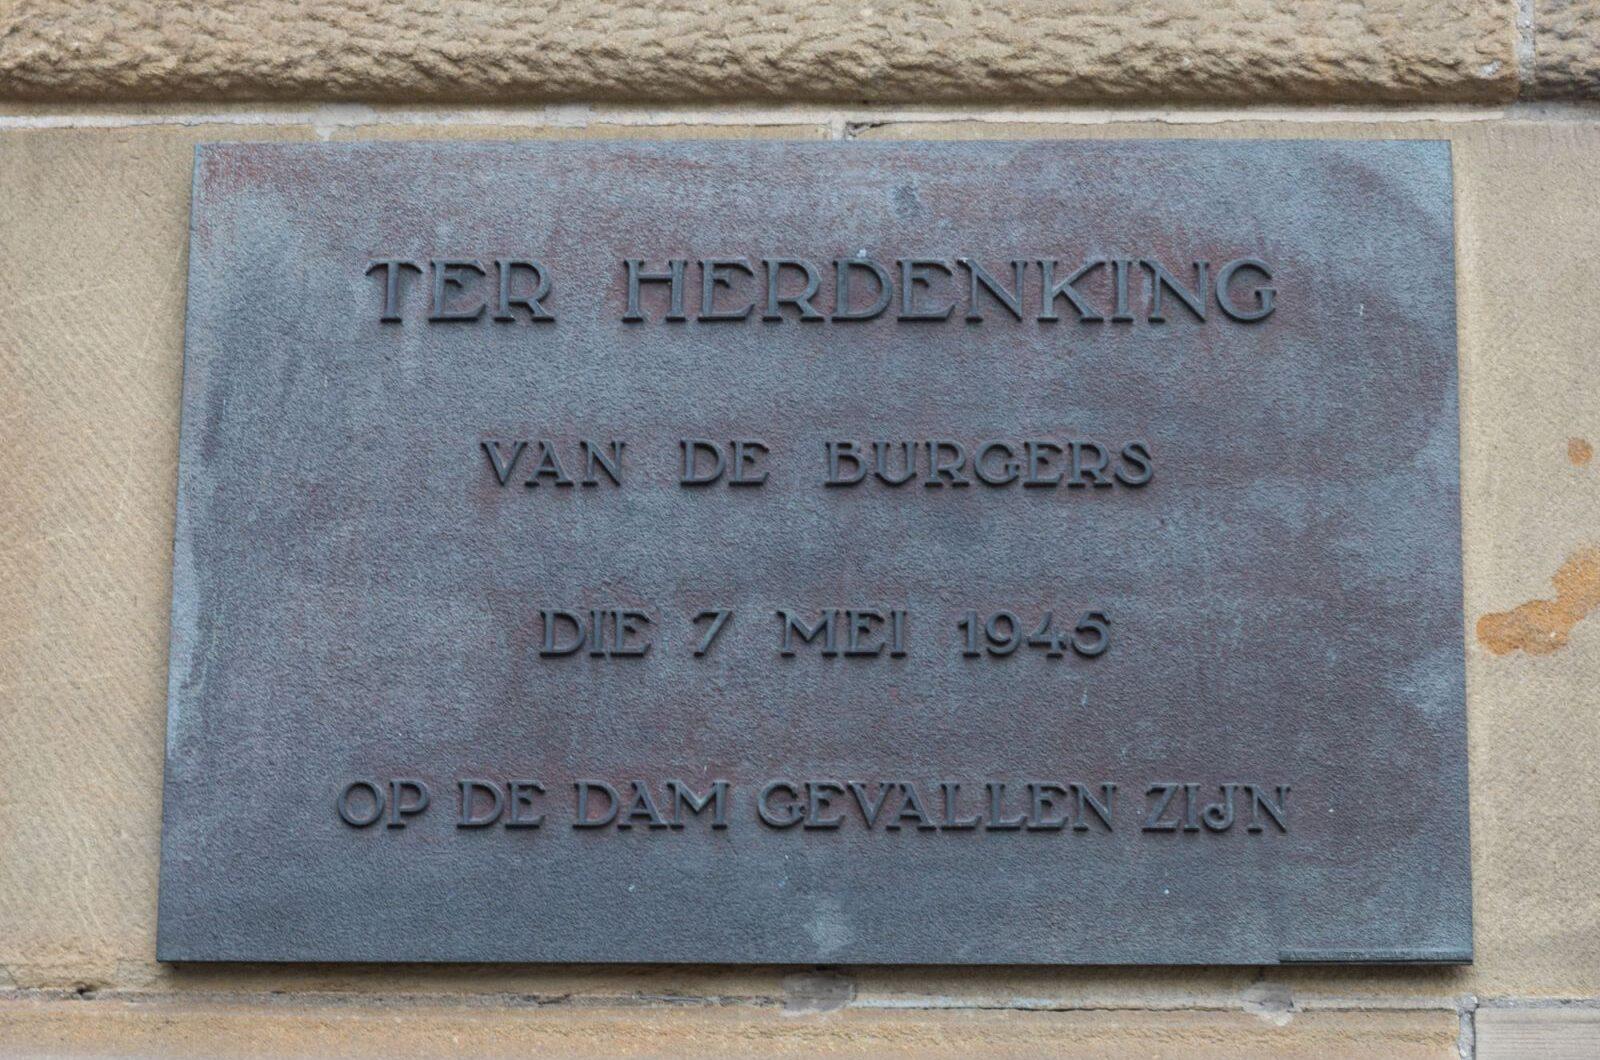 Amsterdam, '7 mei 1945'